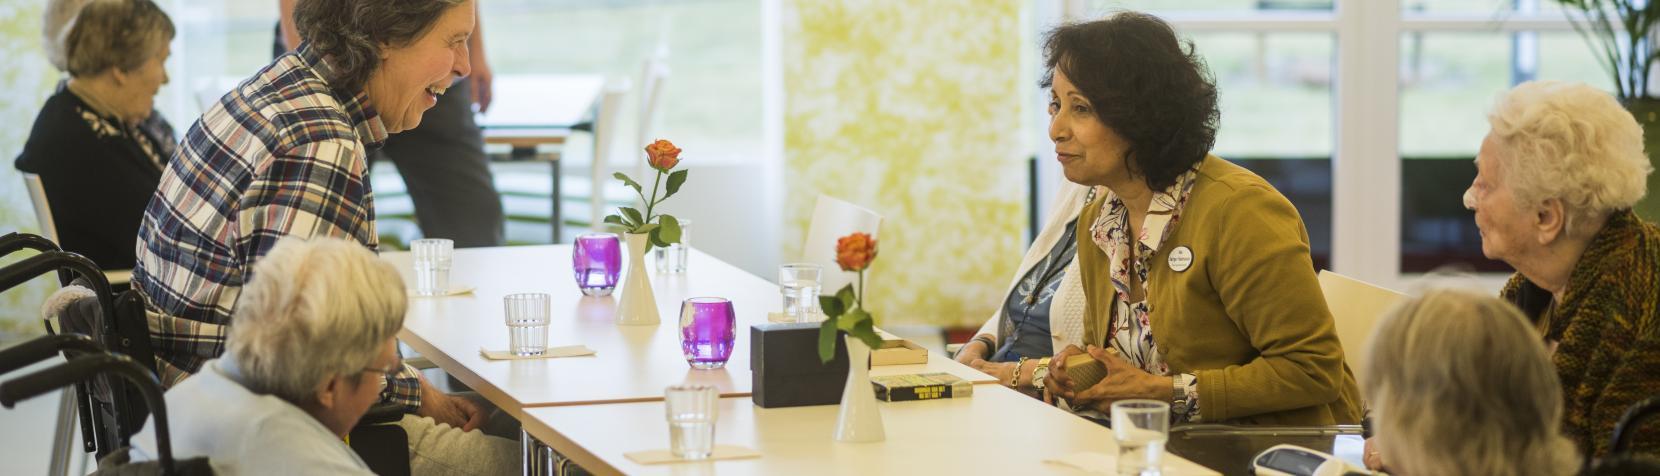 Dagligdagen på Byageren. Der sidder beboere og medarbejder rundt om et bord. De har en dialog om et emne som fanger alles interesse.